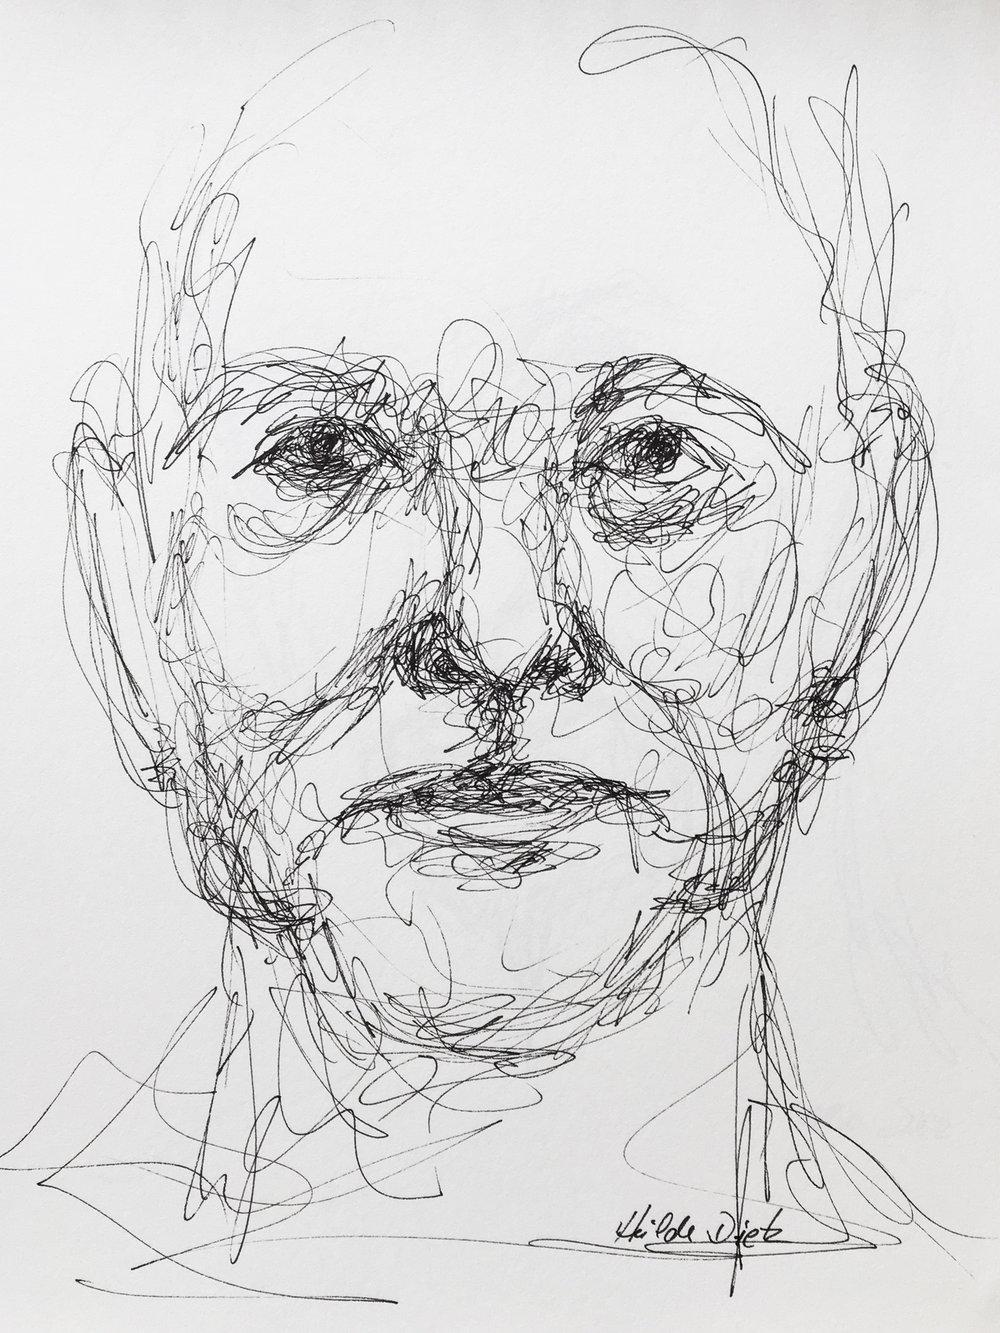 Hilde_Dietz_Menschenbilder_Zeichnung_Skizzen_2_11.jpg